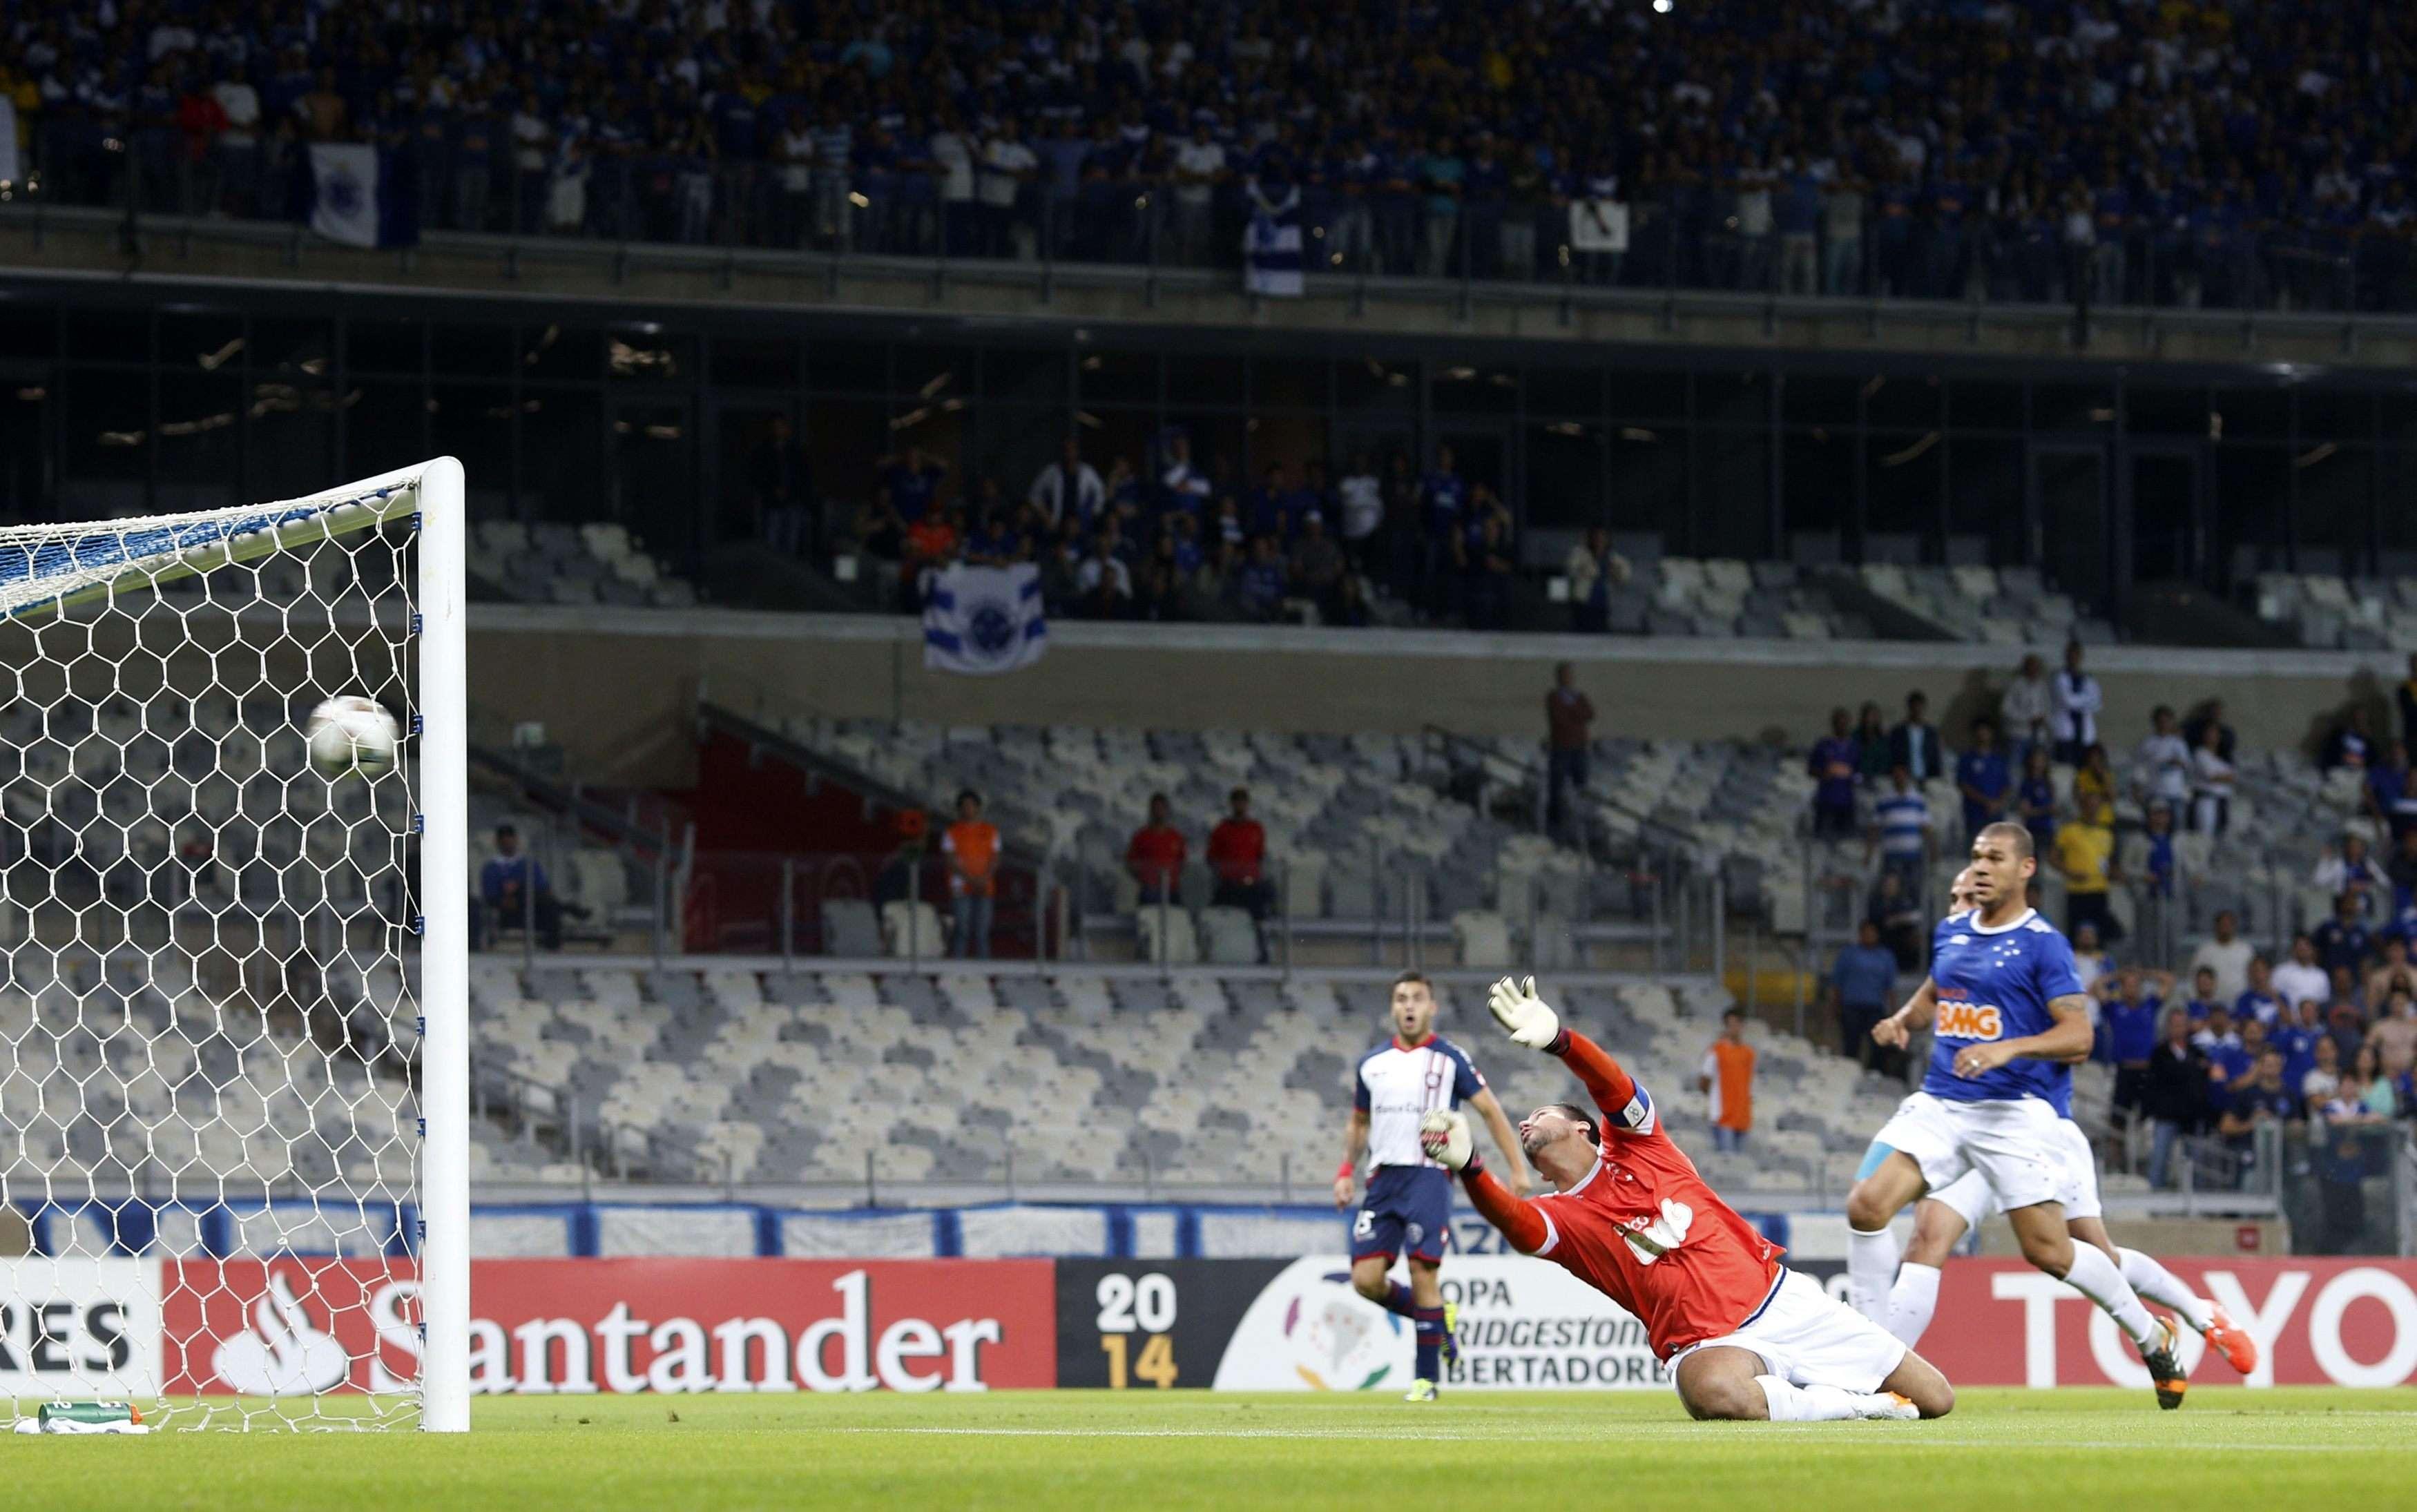 Piatti acertou chute cruzado e levou a melhor contra Fábio no início do jogo Foto: Reuters